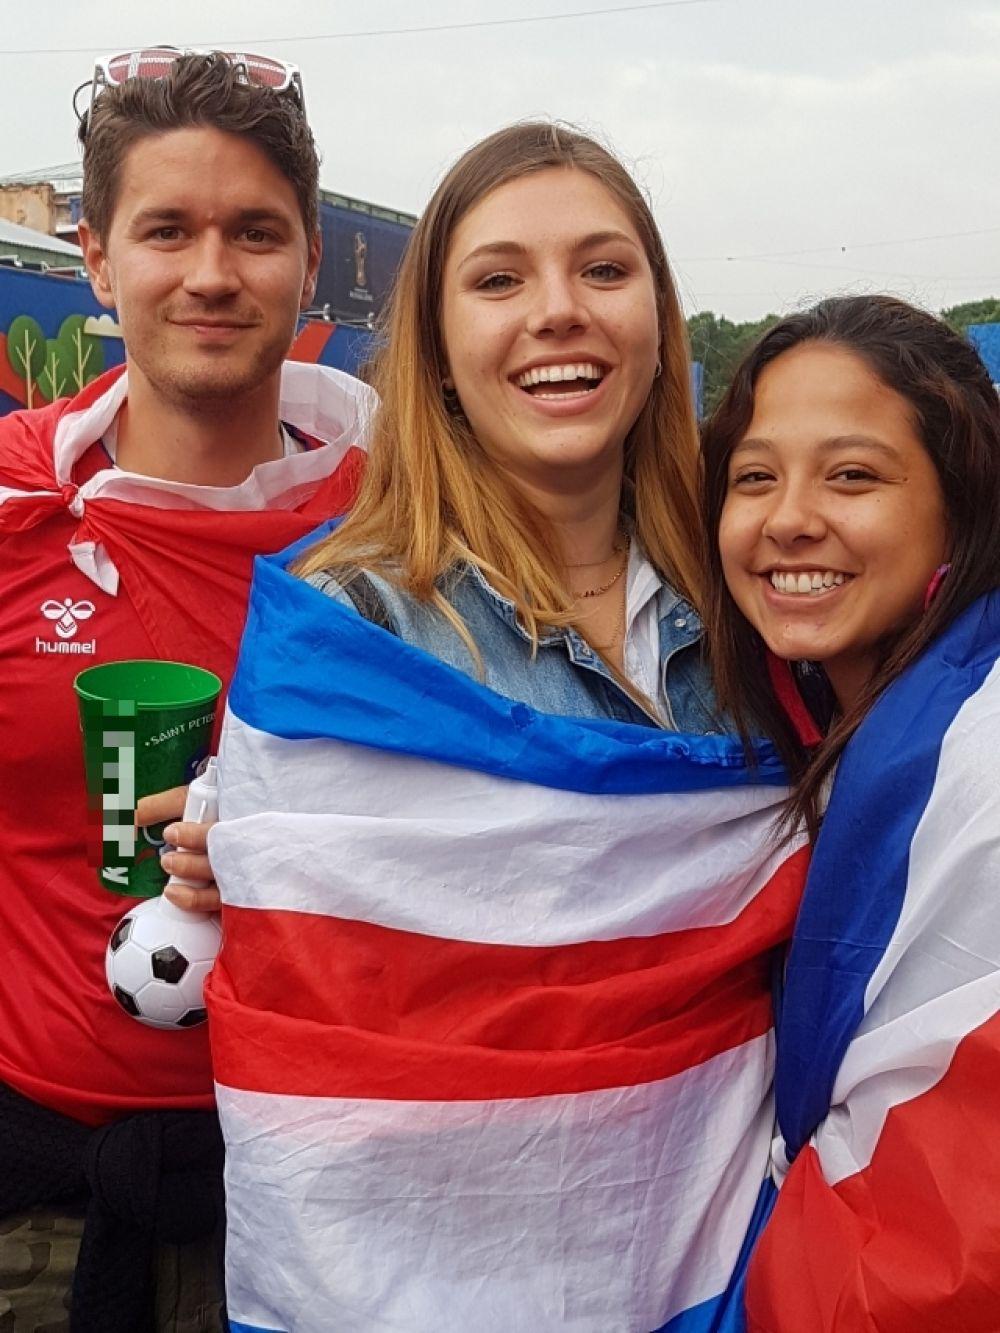 Болельщики приносят в фан-зону национальные флаги.